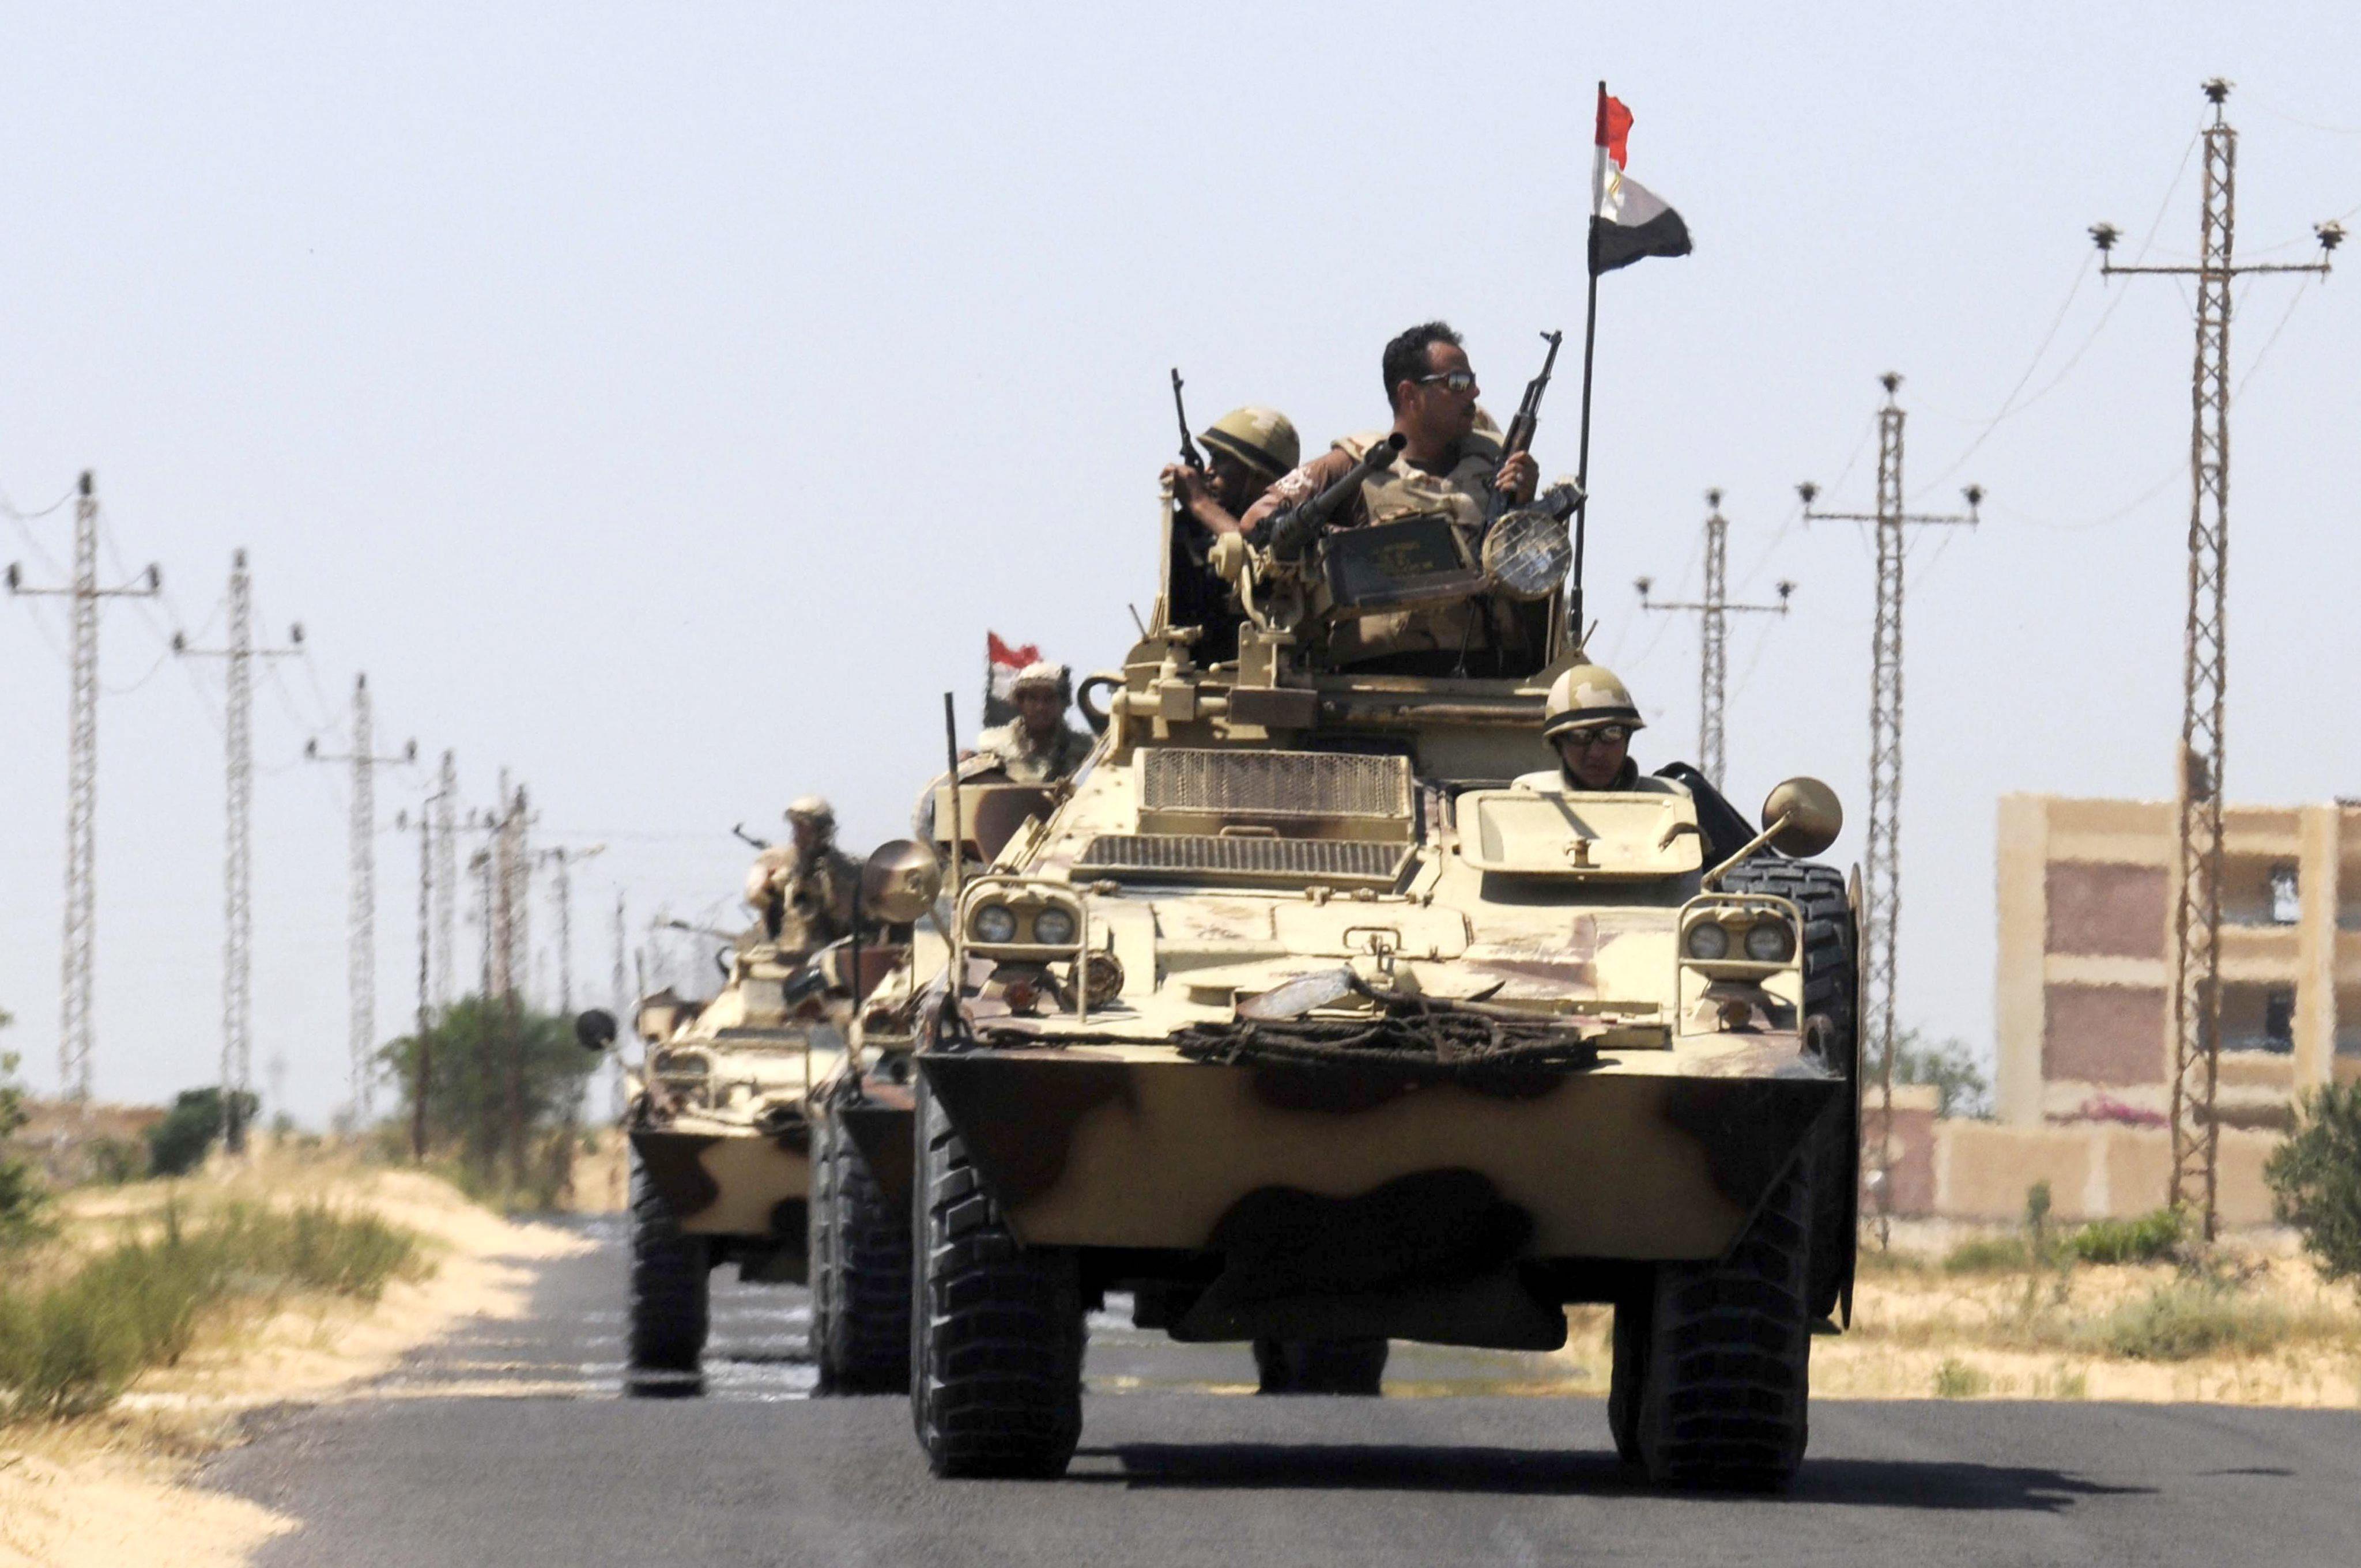 El ejército de Egipto inicia la batalla contra los islamistas en el Sinaí